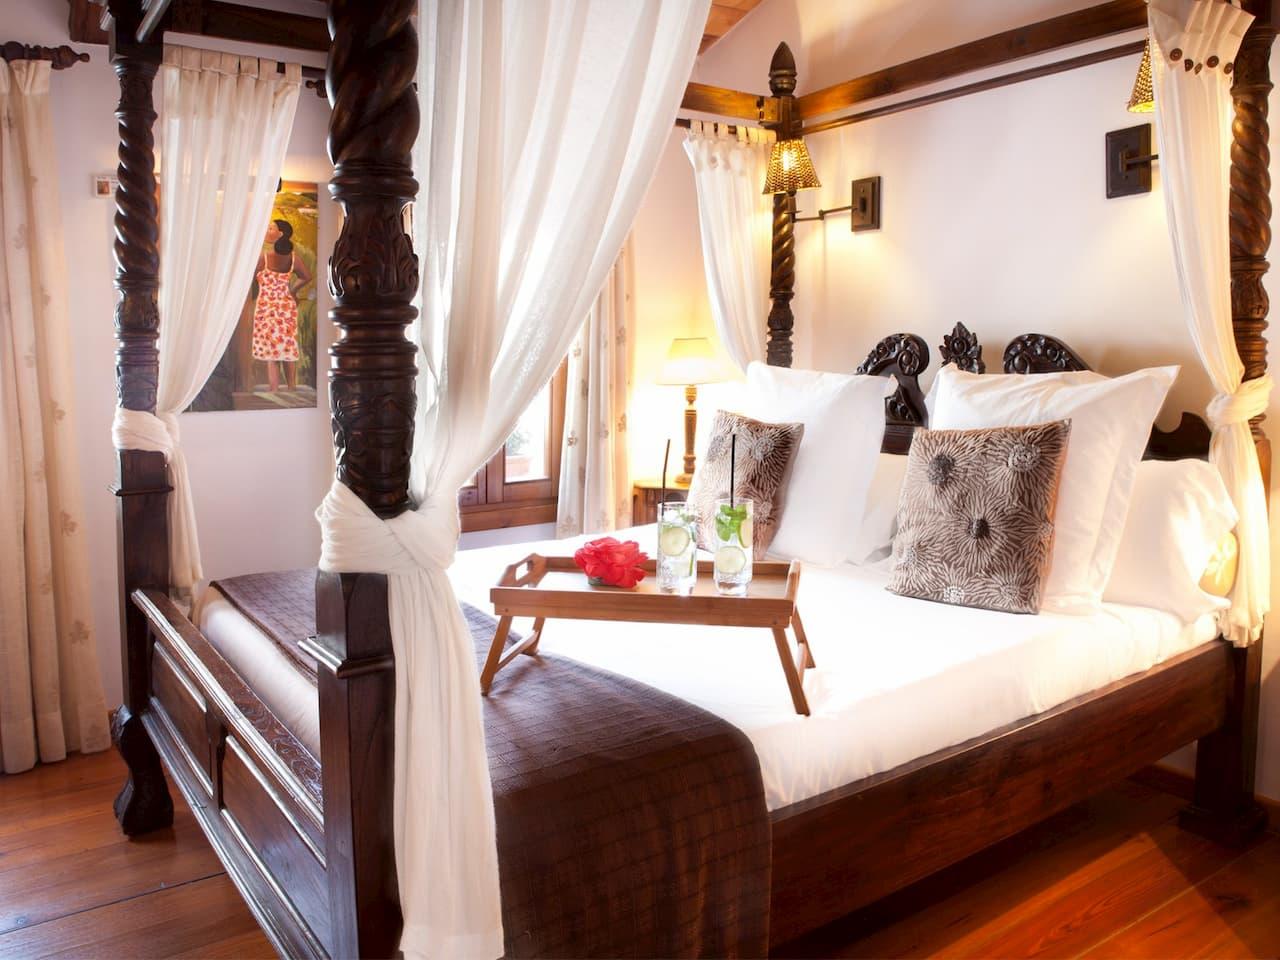 Luxury hotel amenities in Altea